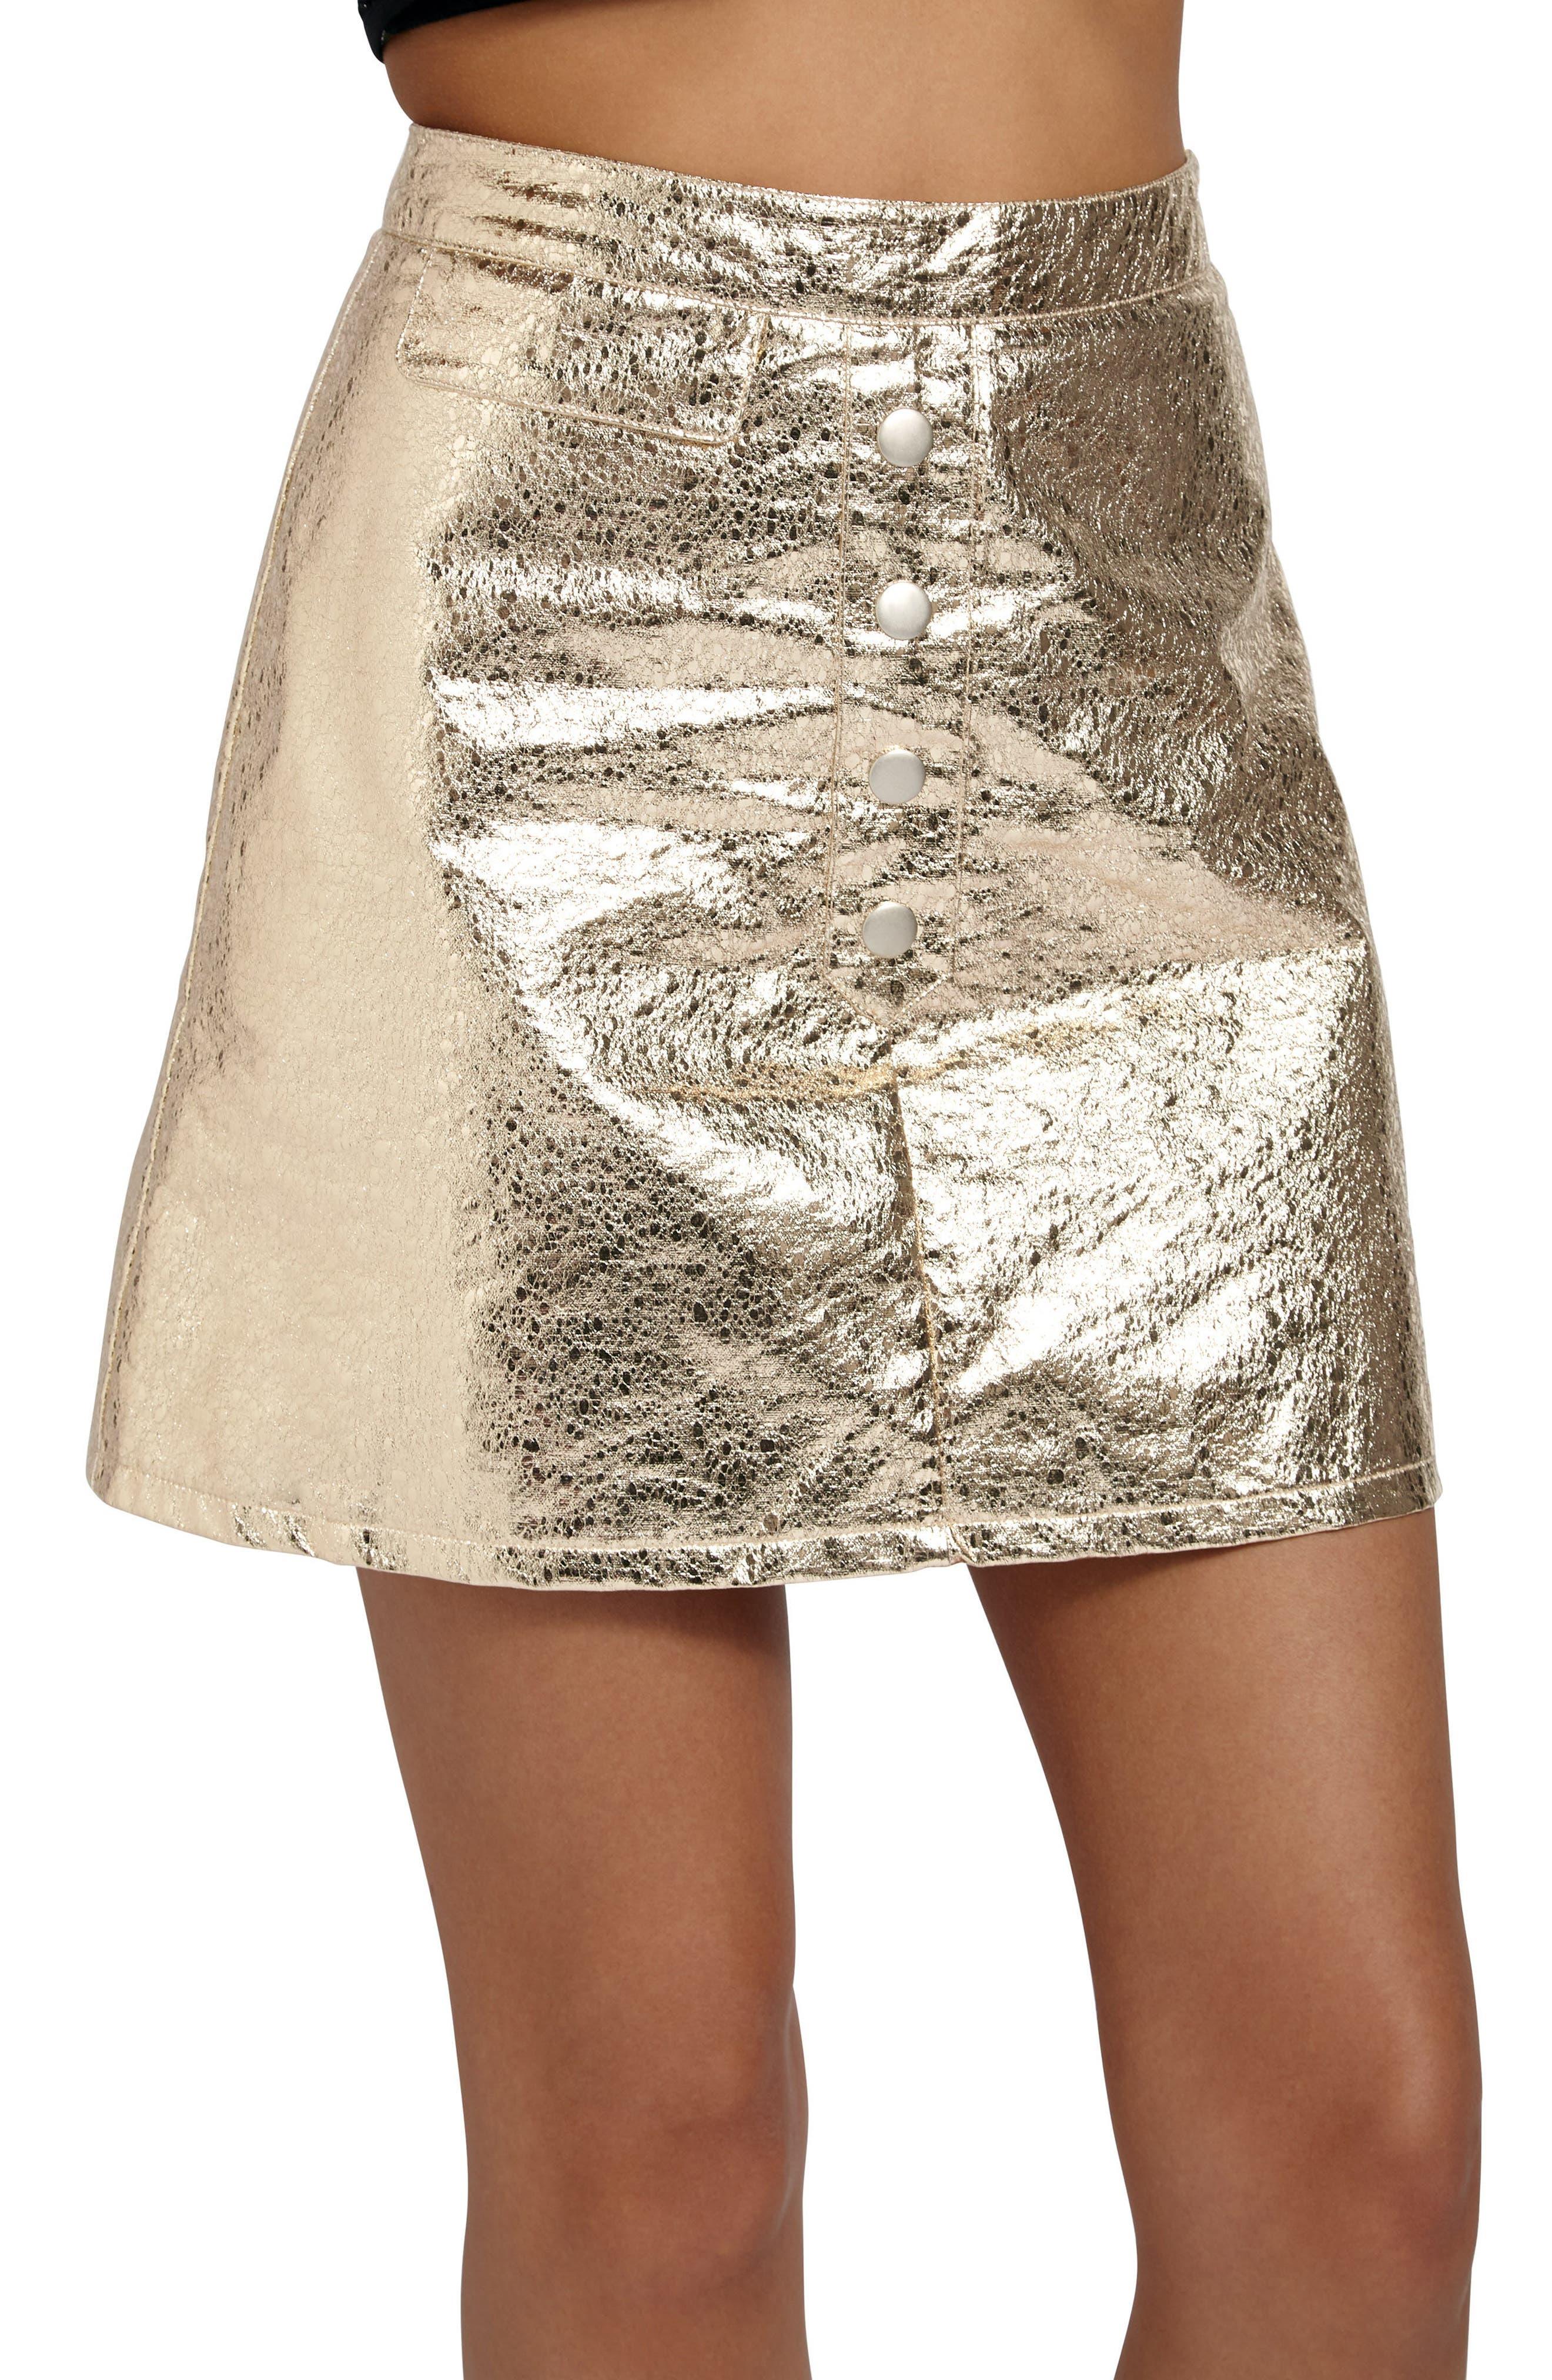 Crackled Metallic Miniskirt,                             Alternate thumbnail 4, color,                             710